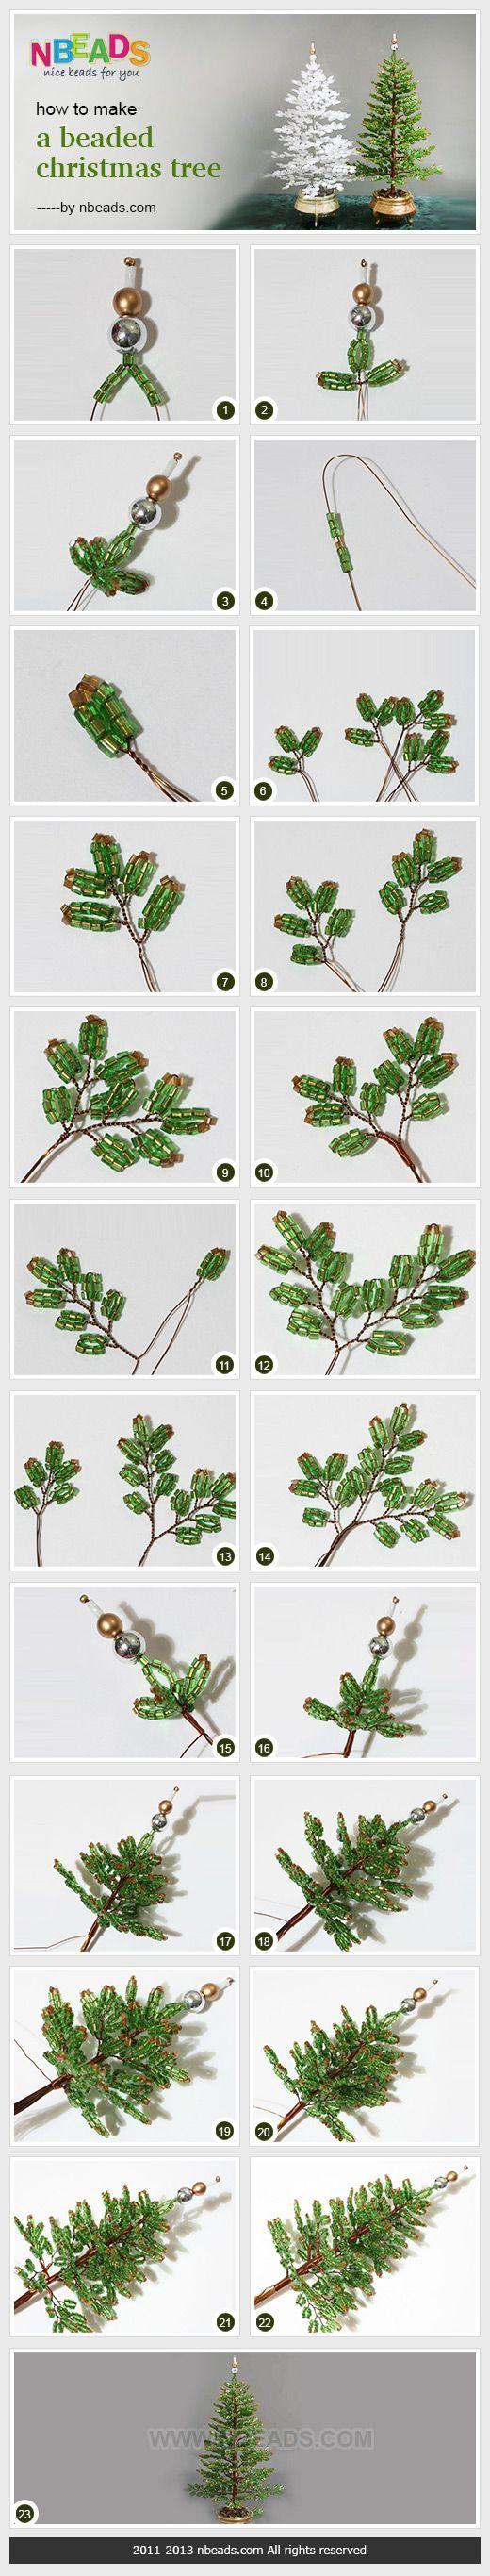 Boncuklardan Ağaç Nasıl Yapılır? 7 - Mimuu.com